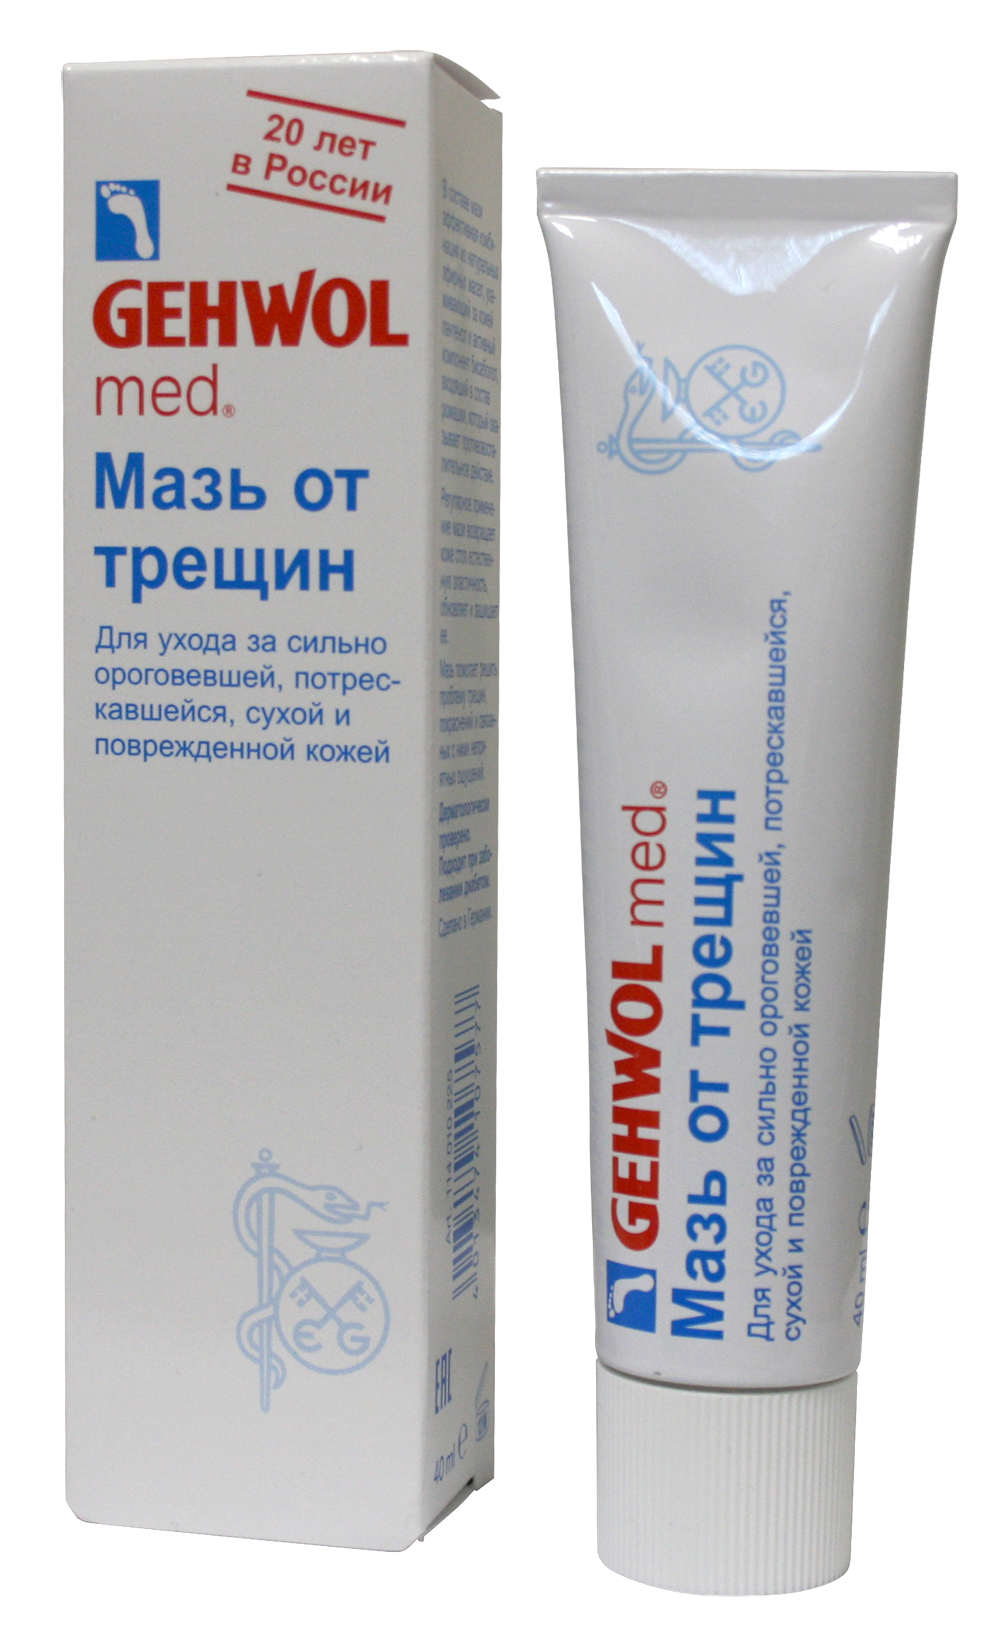 GEHWOL Мазь от трещин Юбилейная 40 млМази<br>Для ухода за сильно ороговевшей, потрескавшейся, сухой и поврежденной кожей.   лечебное средство с быстрым заживляющим свойством;   смягчает жесткую и сухую кожу, придает ей эластичность;   может использоваться для рук и коленей;   гипоаллергенна, рекомендована для больных диабетом. Активные ингредиенты. Состав: вазелин, ланолин, вода, пантенол, 9нано&amp;nbsp;оксид цинка, касторат калия, ропилен гликоль, глицерин, бисаболол, эвкалиптовое масло, лавандовое масло, масло розмарина, ментол, камфора, цитронелловое масло, лавандиновое масло, масло тимьяна, отдушки, цитраль, цитронеллол, кумарин, гераниол, лимонен, линалоол, альфа-изометил ионон. Способ применения: ежедневно тщательно массировать кожу 1 или 2 раза в день. Для оказания быстрой помощи рекомендуется применять после теплой ванны фирмы  Геволь  со смягчающим эффектом.<br><br>Назначение: Трещины